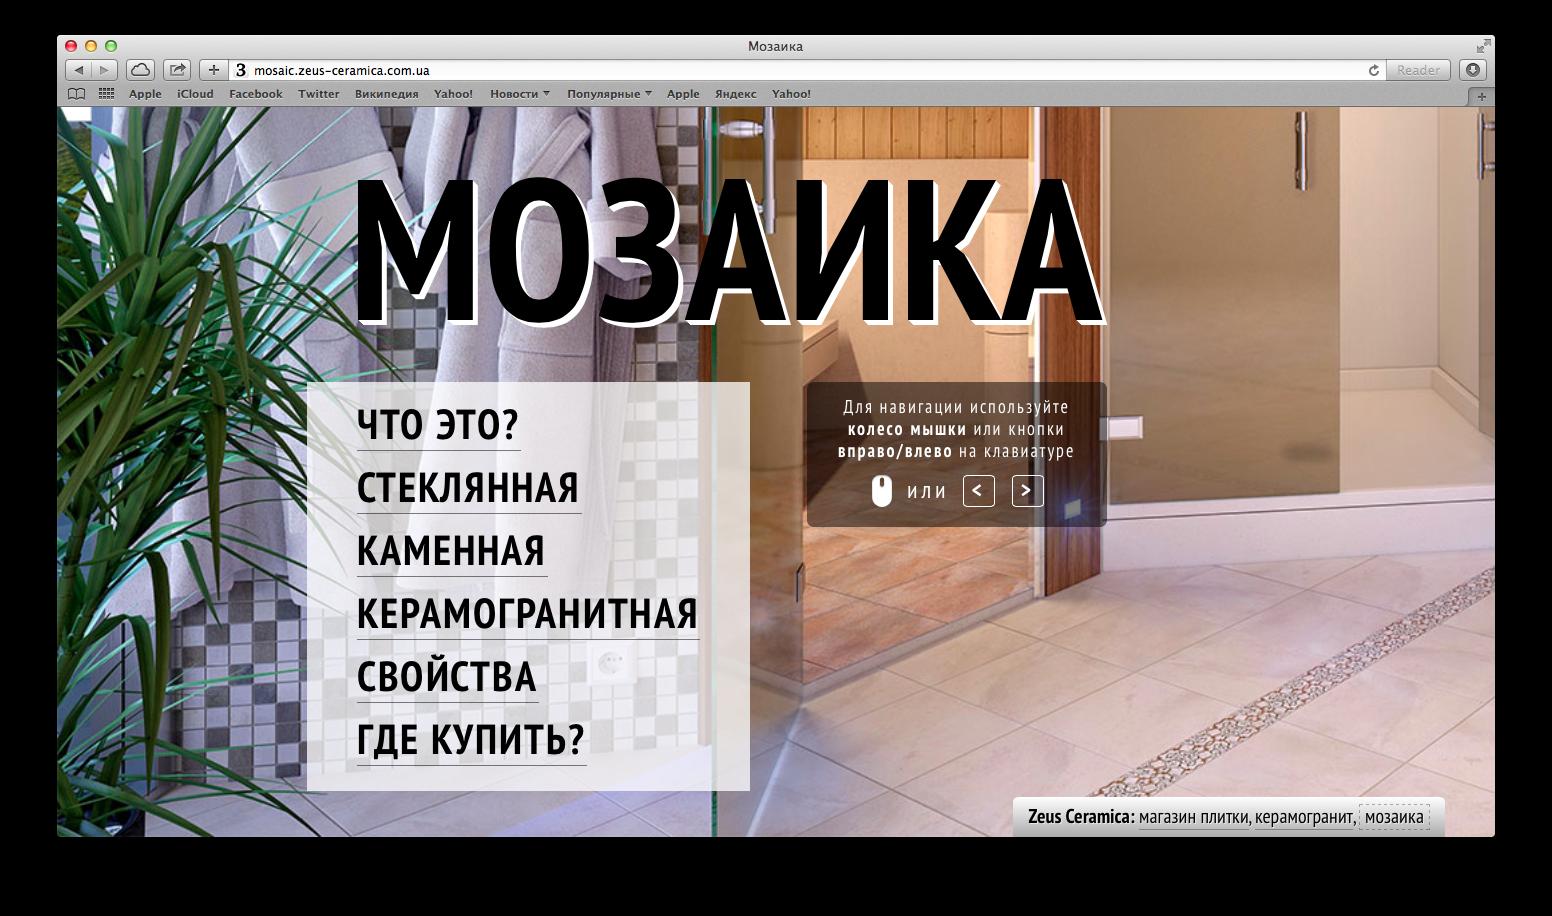 mosaic.zeus-ceramica.com.ua